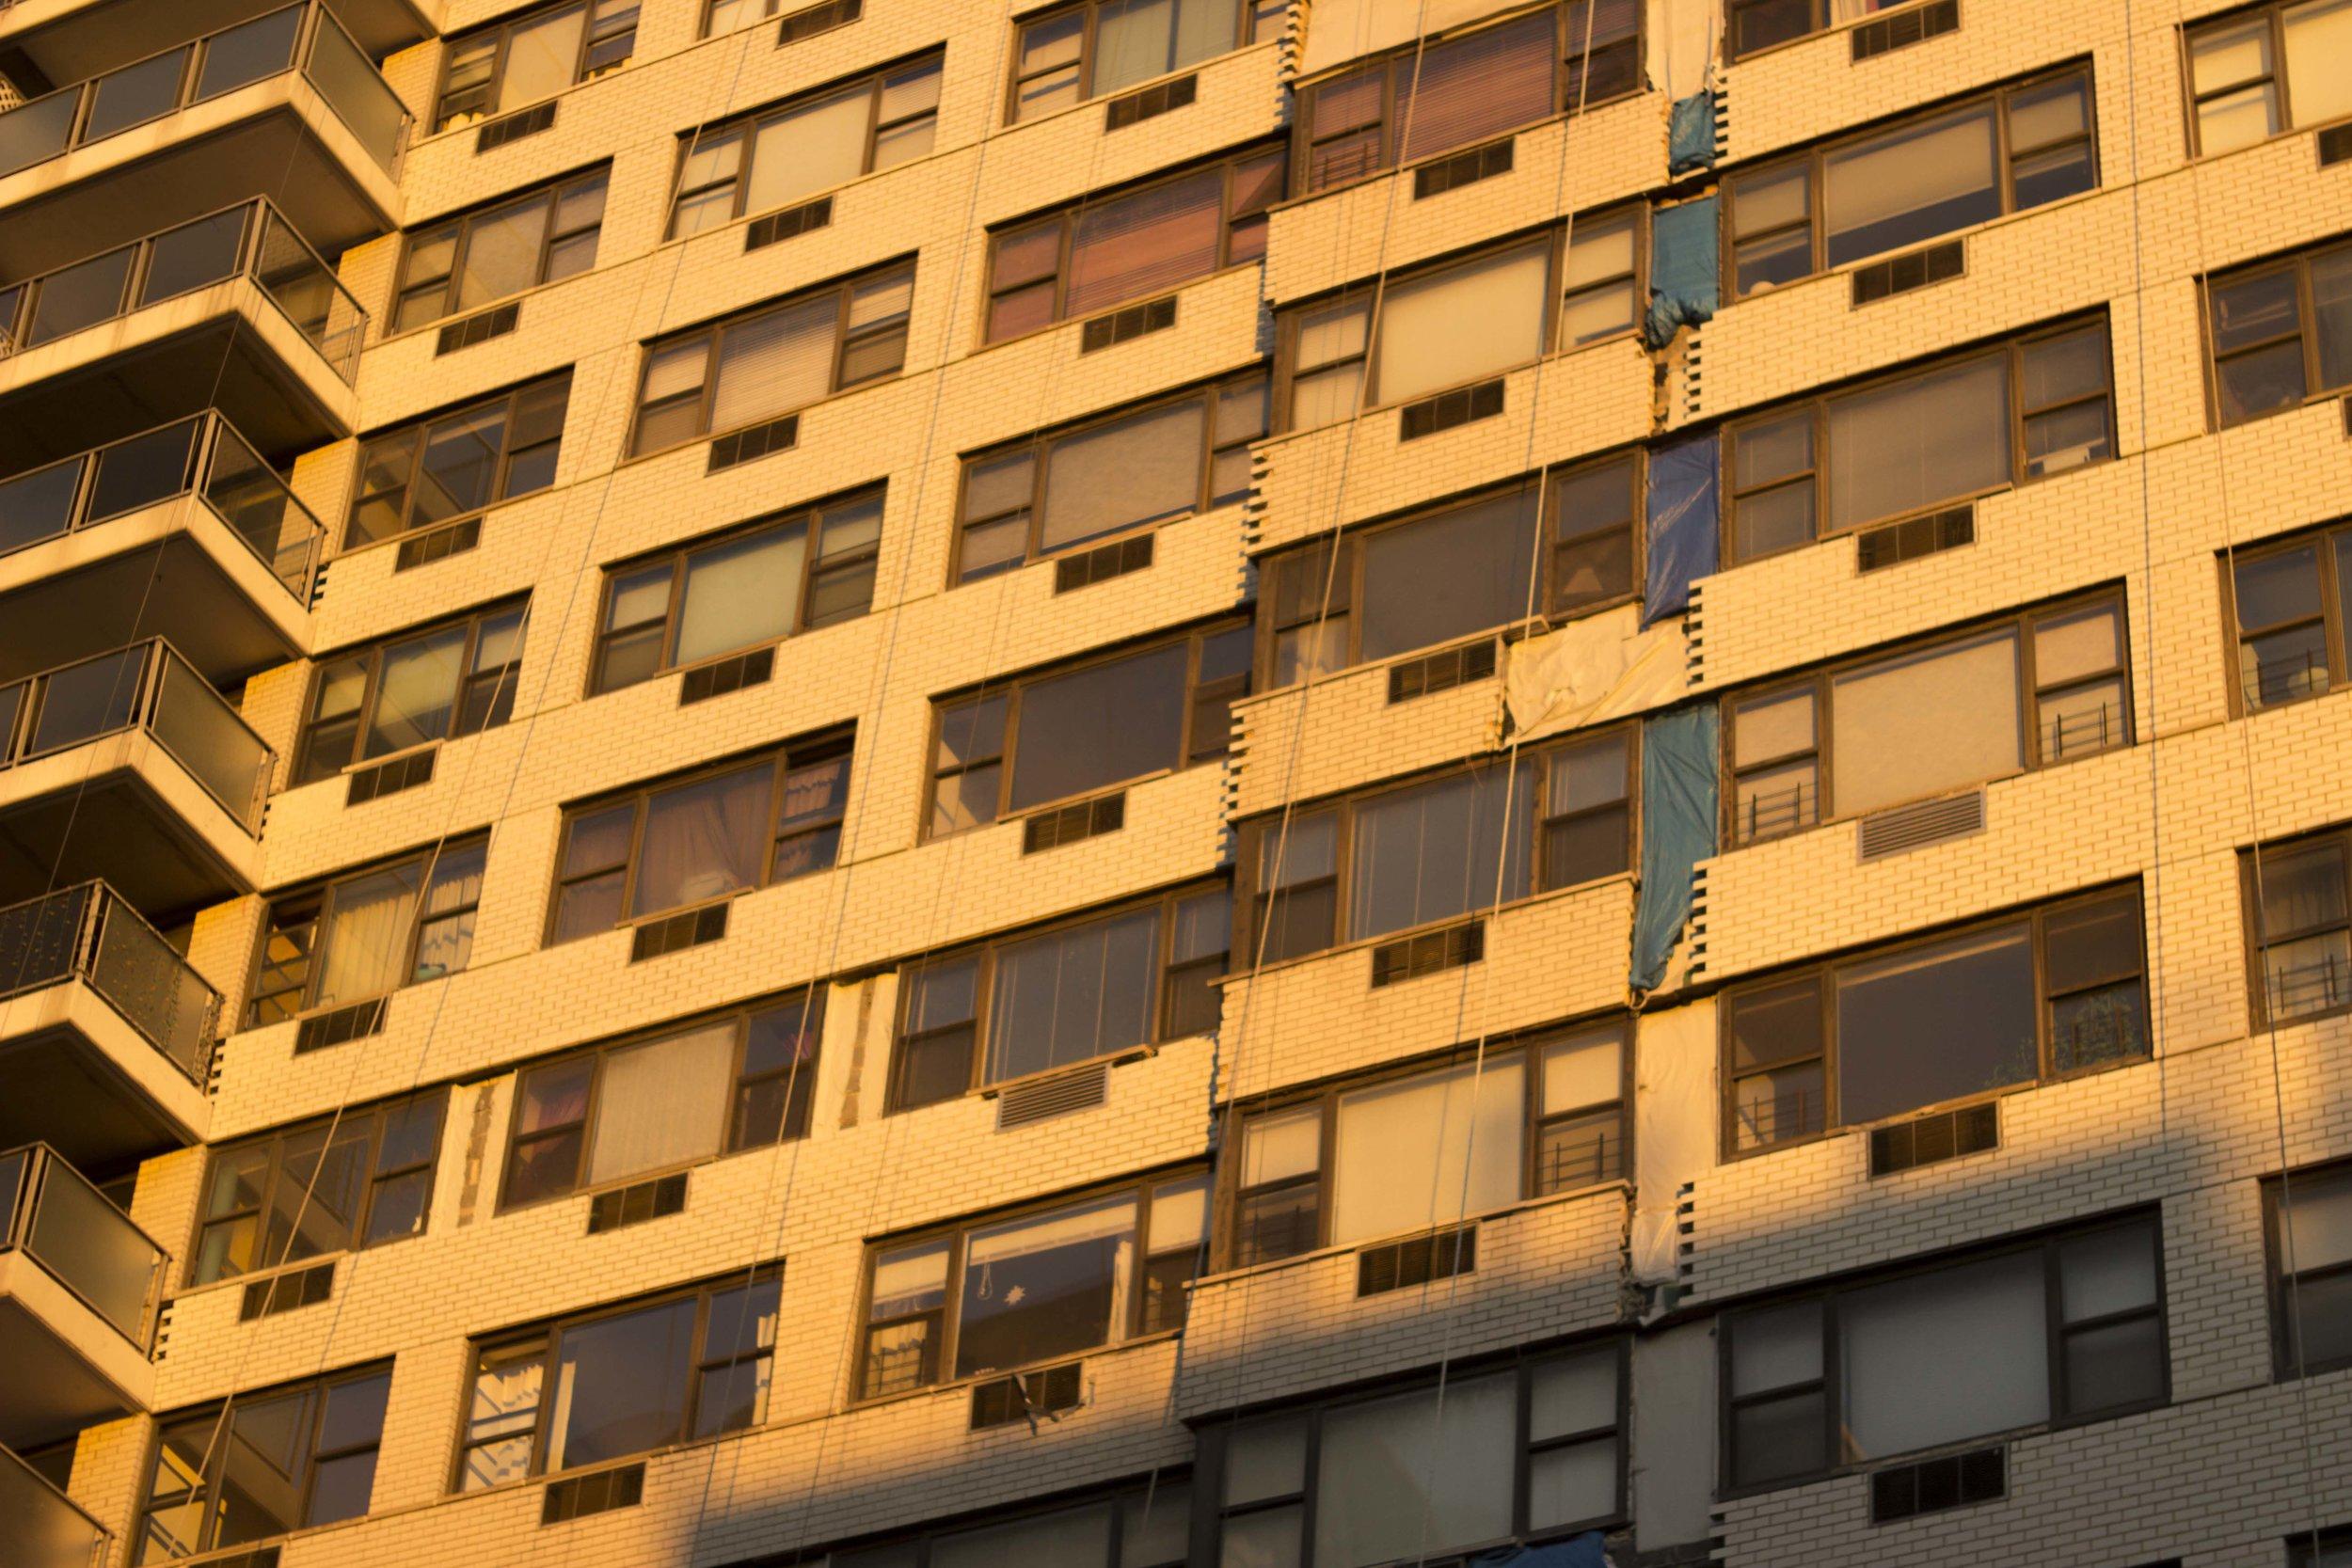 Everything in Focus-yellow pink buildings.jpg